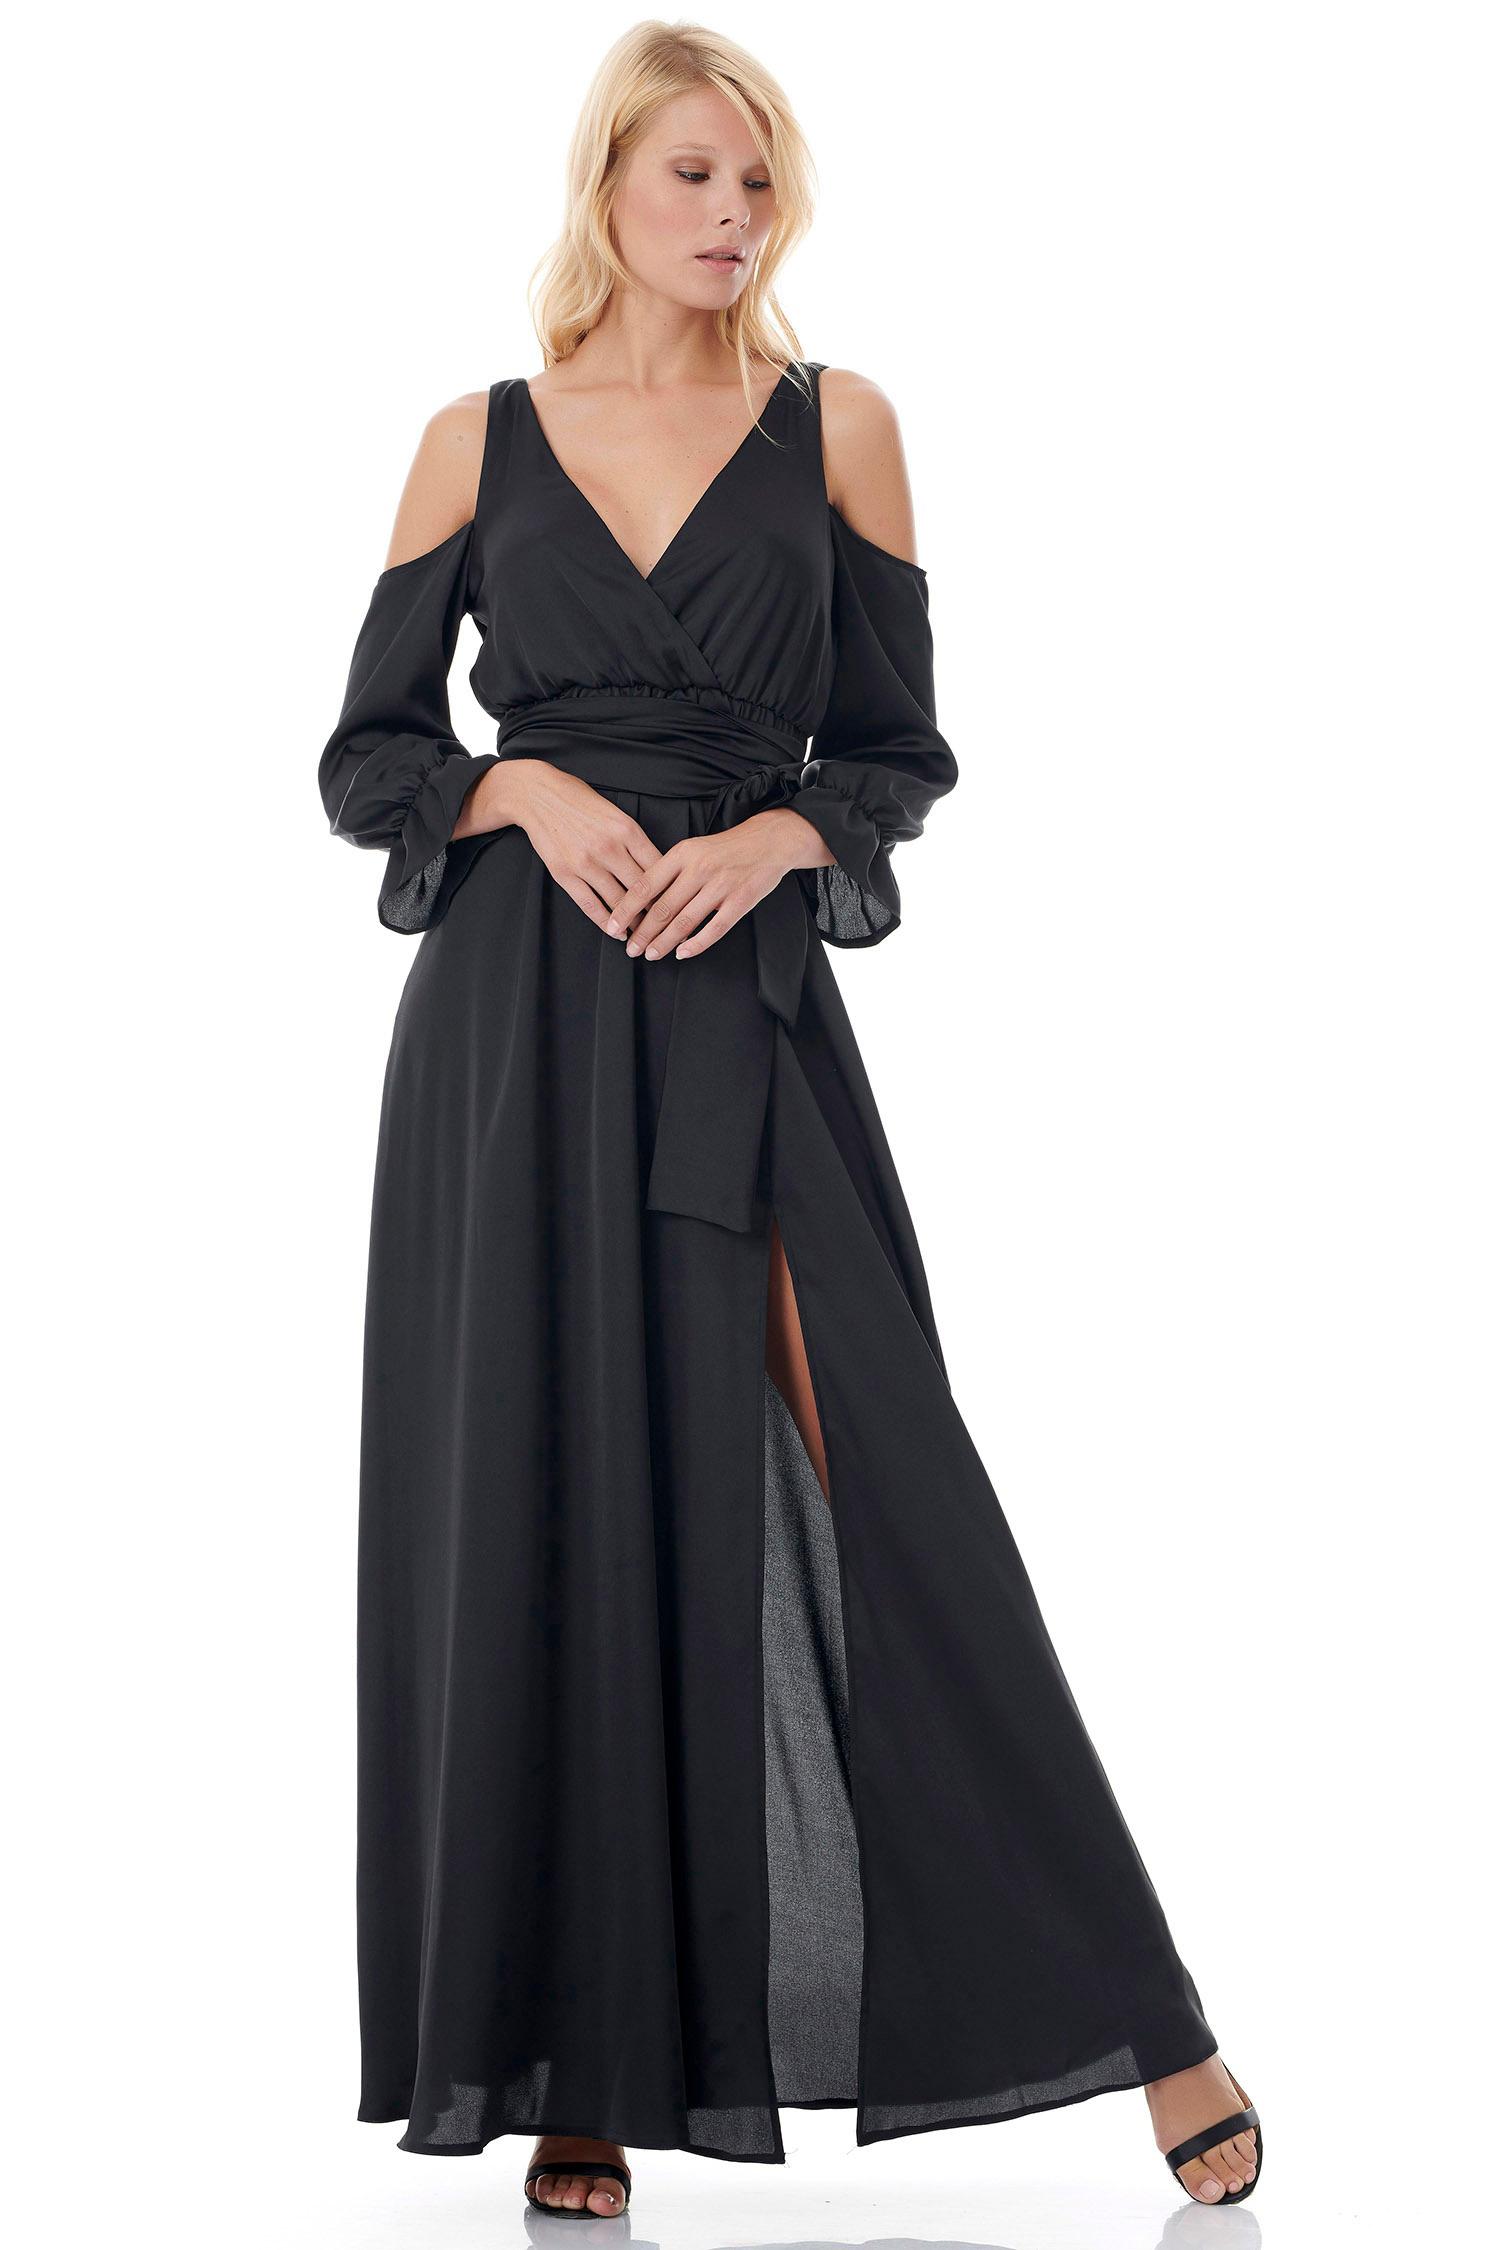 Μαύρα Γυναικεία Φορέματα Online - Κορυφαία προϊόντα - Σελίδα 37 ... 9ff765ac618